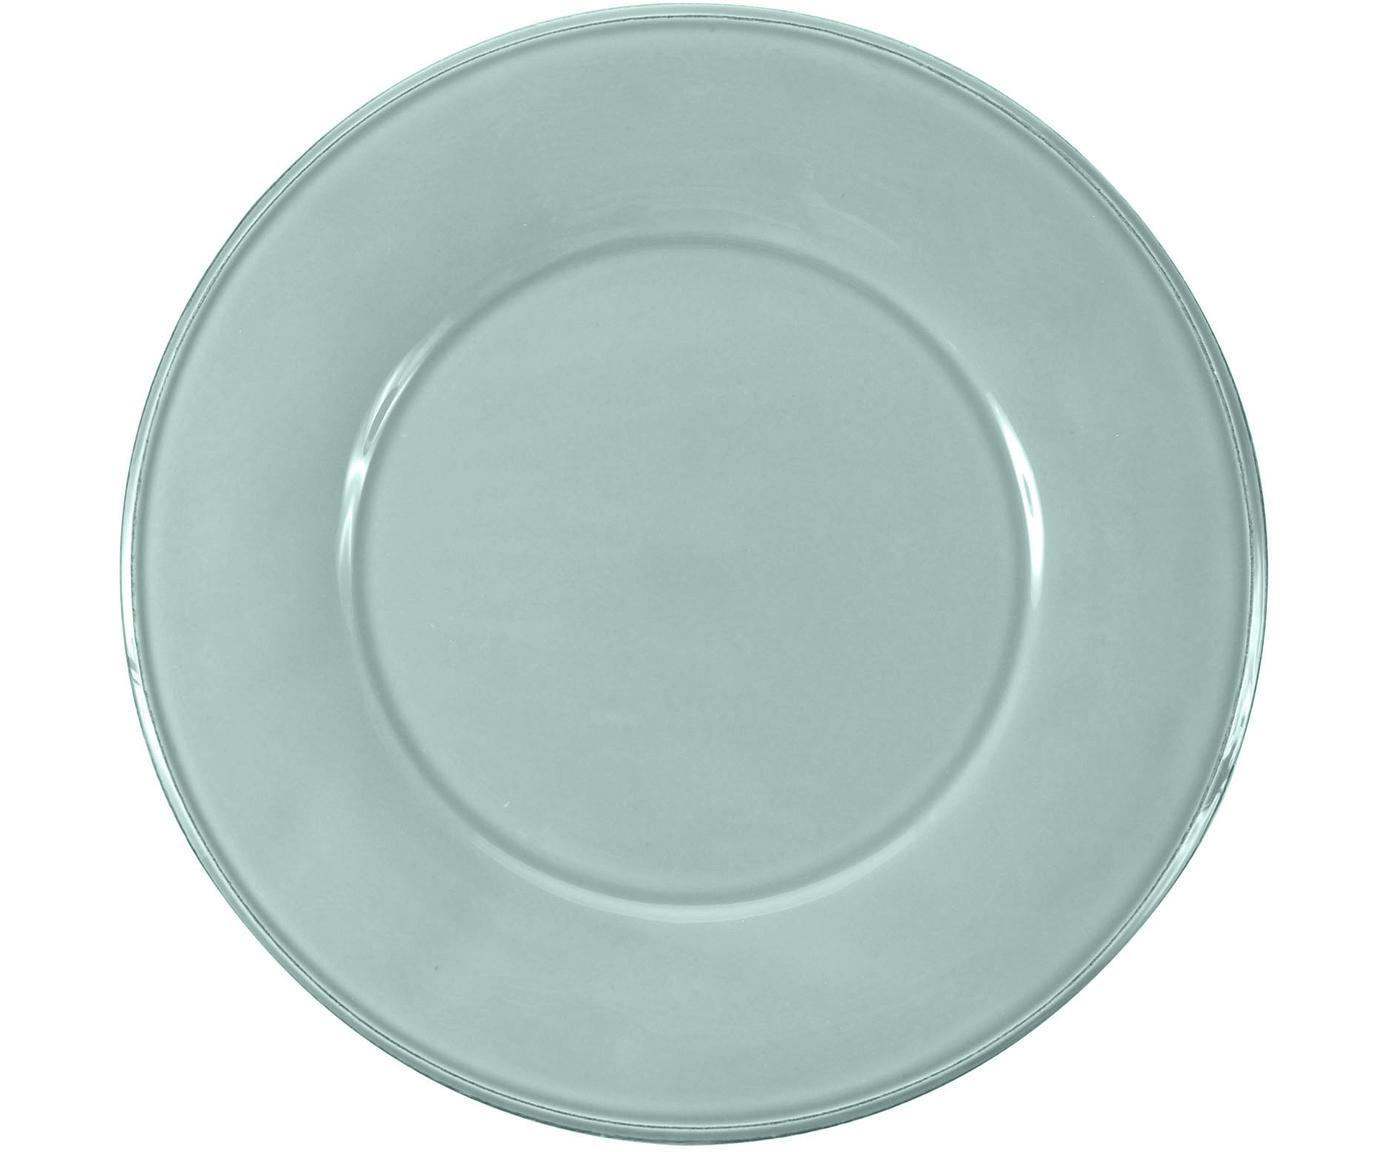 Assiettes plates menthe Constance, 2pièces, Menthe